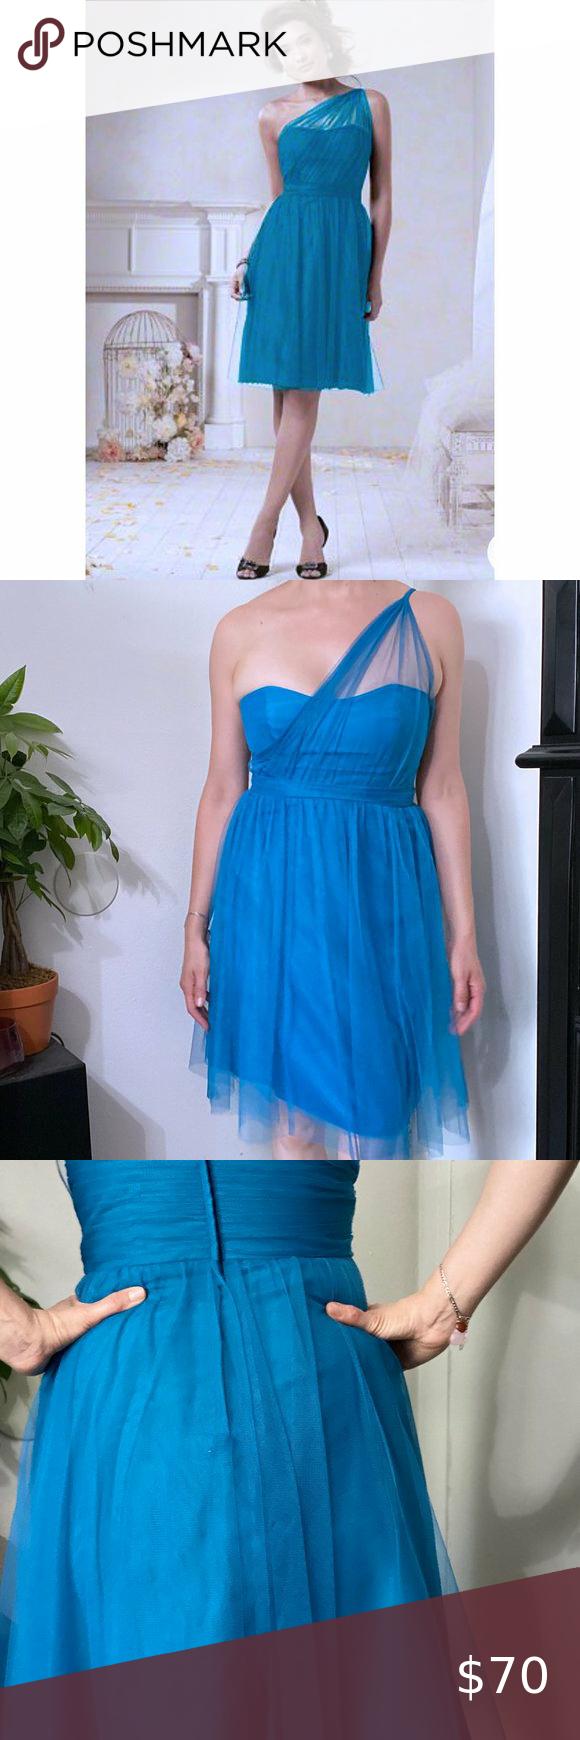 17+ Bermuda blue bridesmaid dresses ideas in 2021